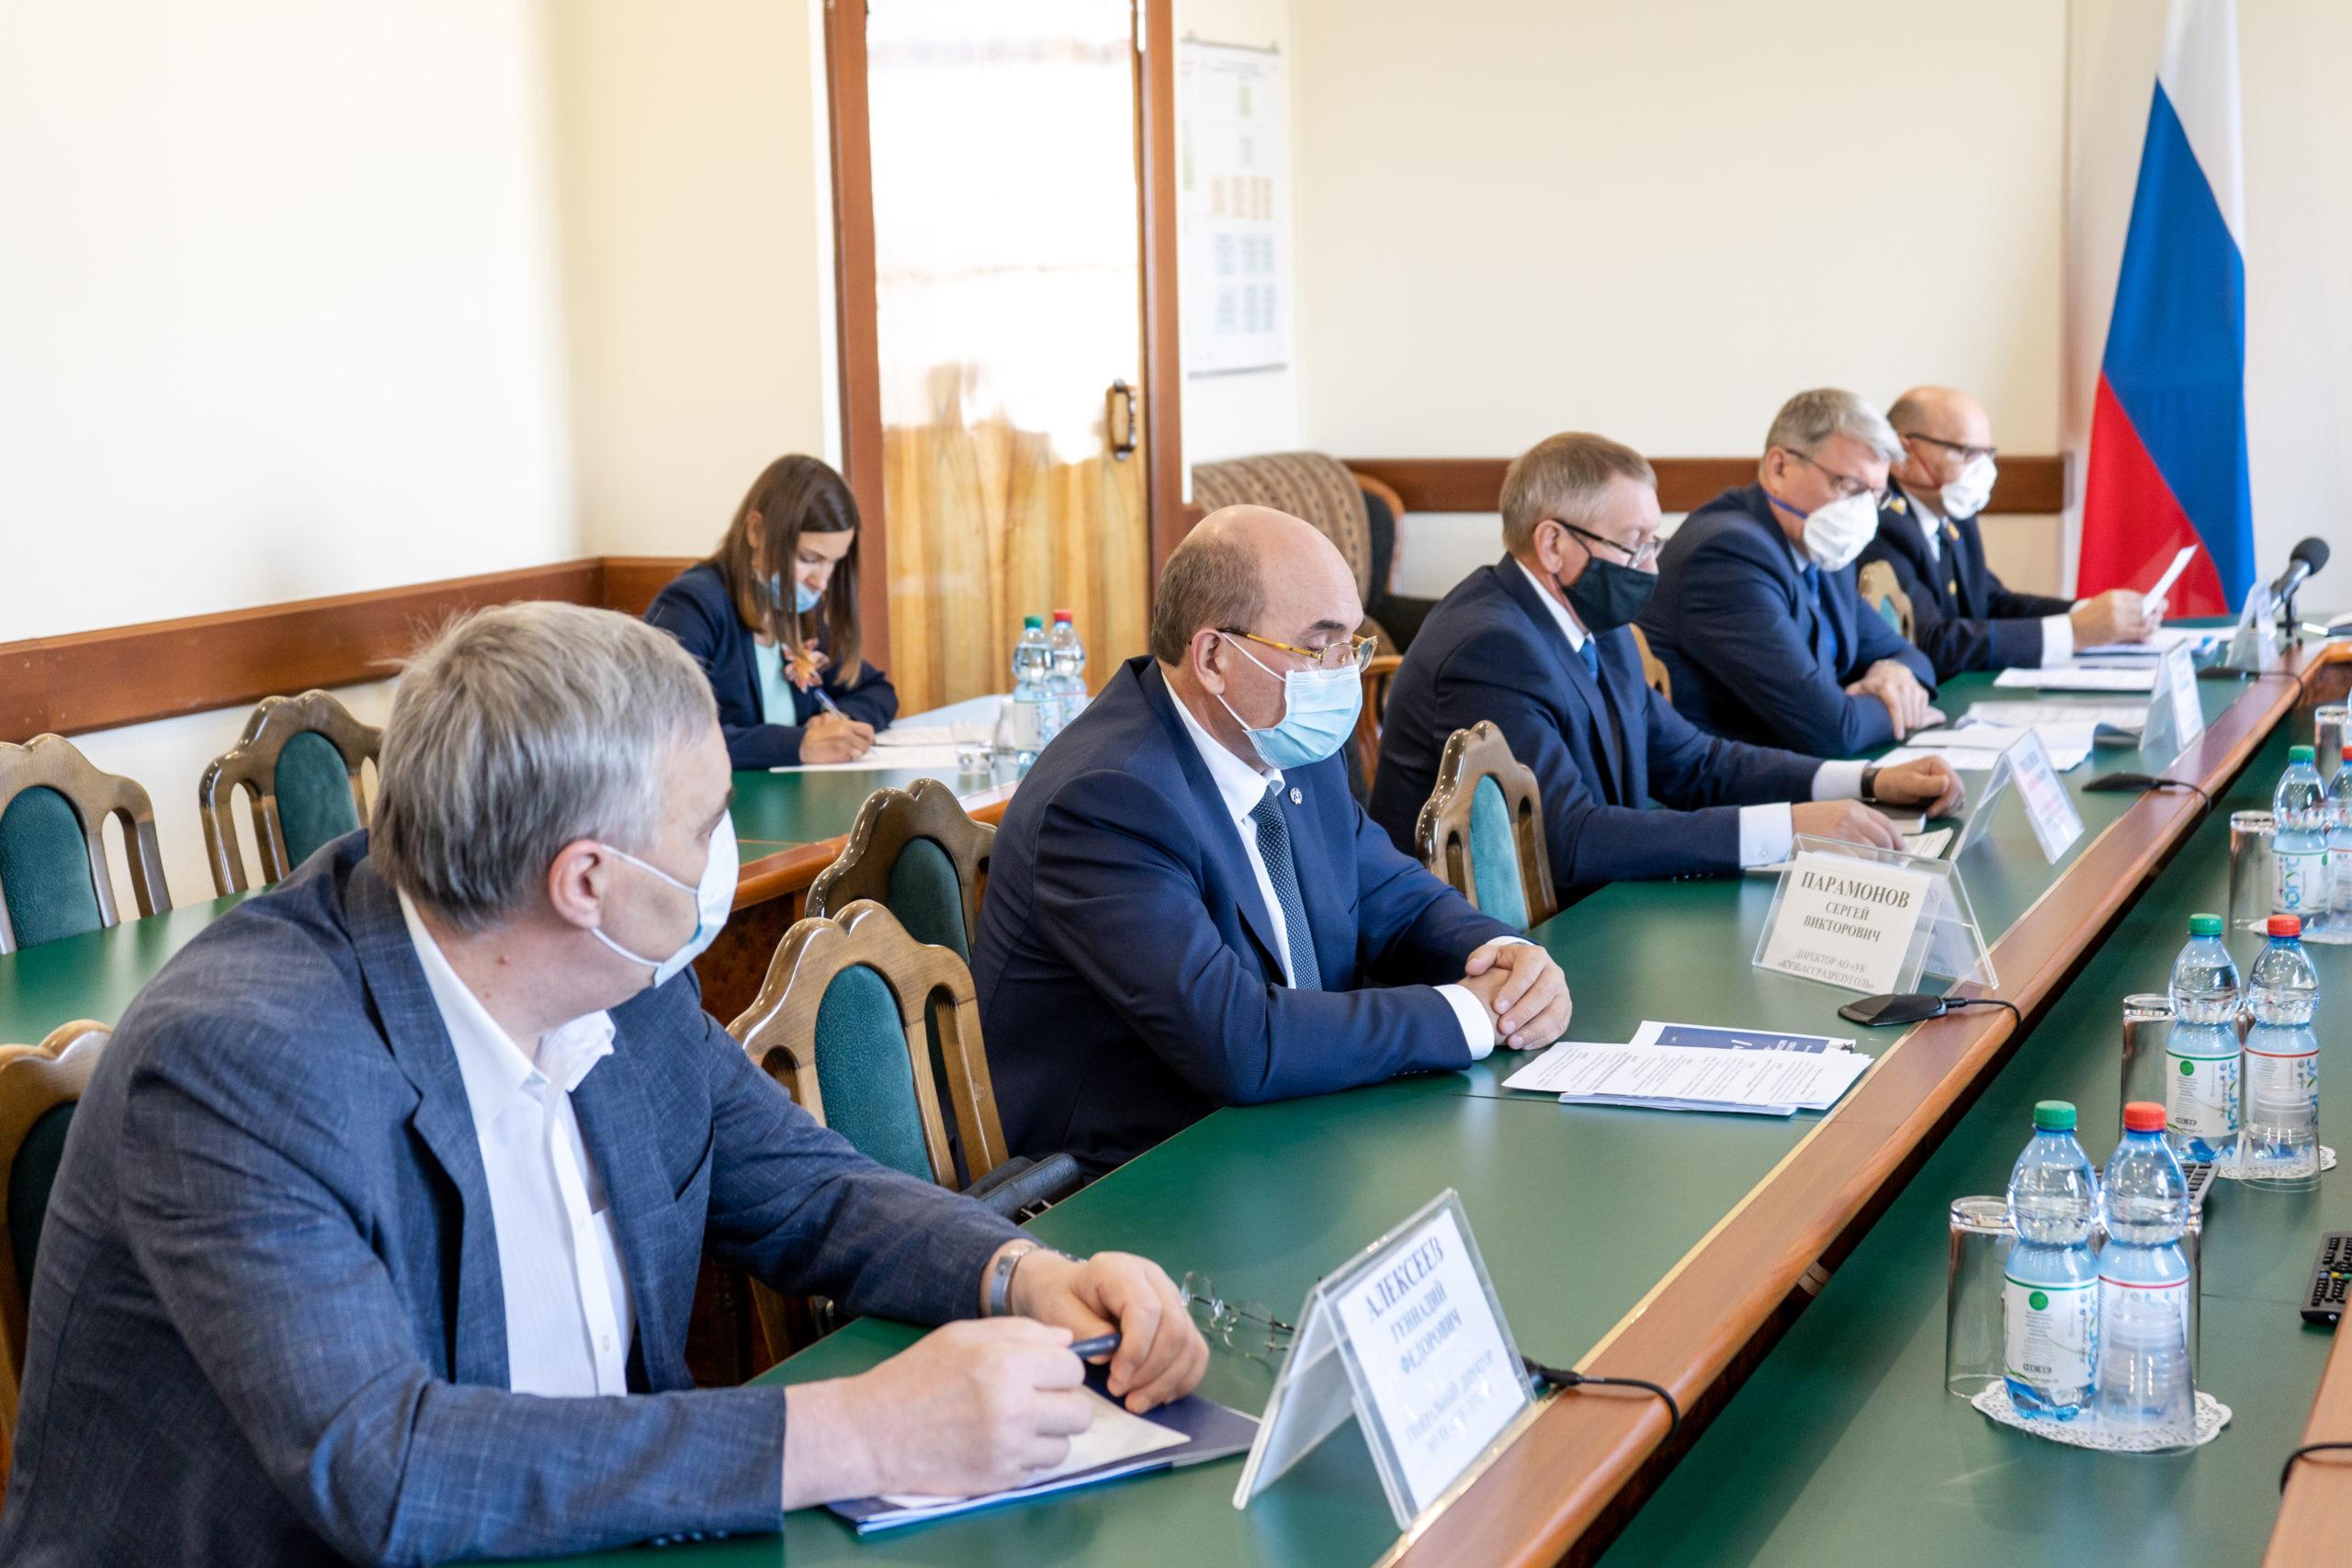 Состоялось рабочее совещание по состоянию промышленной безопасности на угольных предприятиях Кузбасса в условиях санитарно-эпидемиологической ситуации (COVID-19) в 2020 году